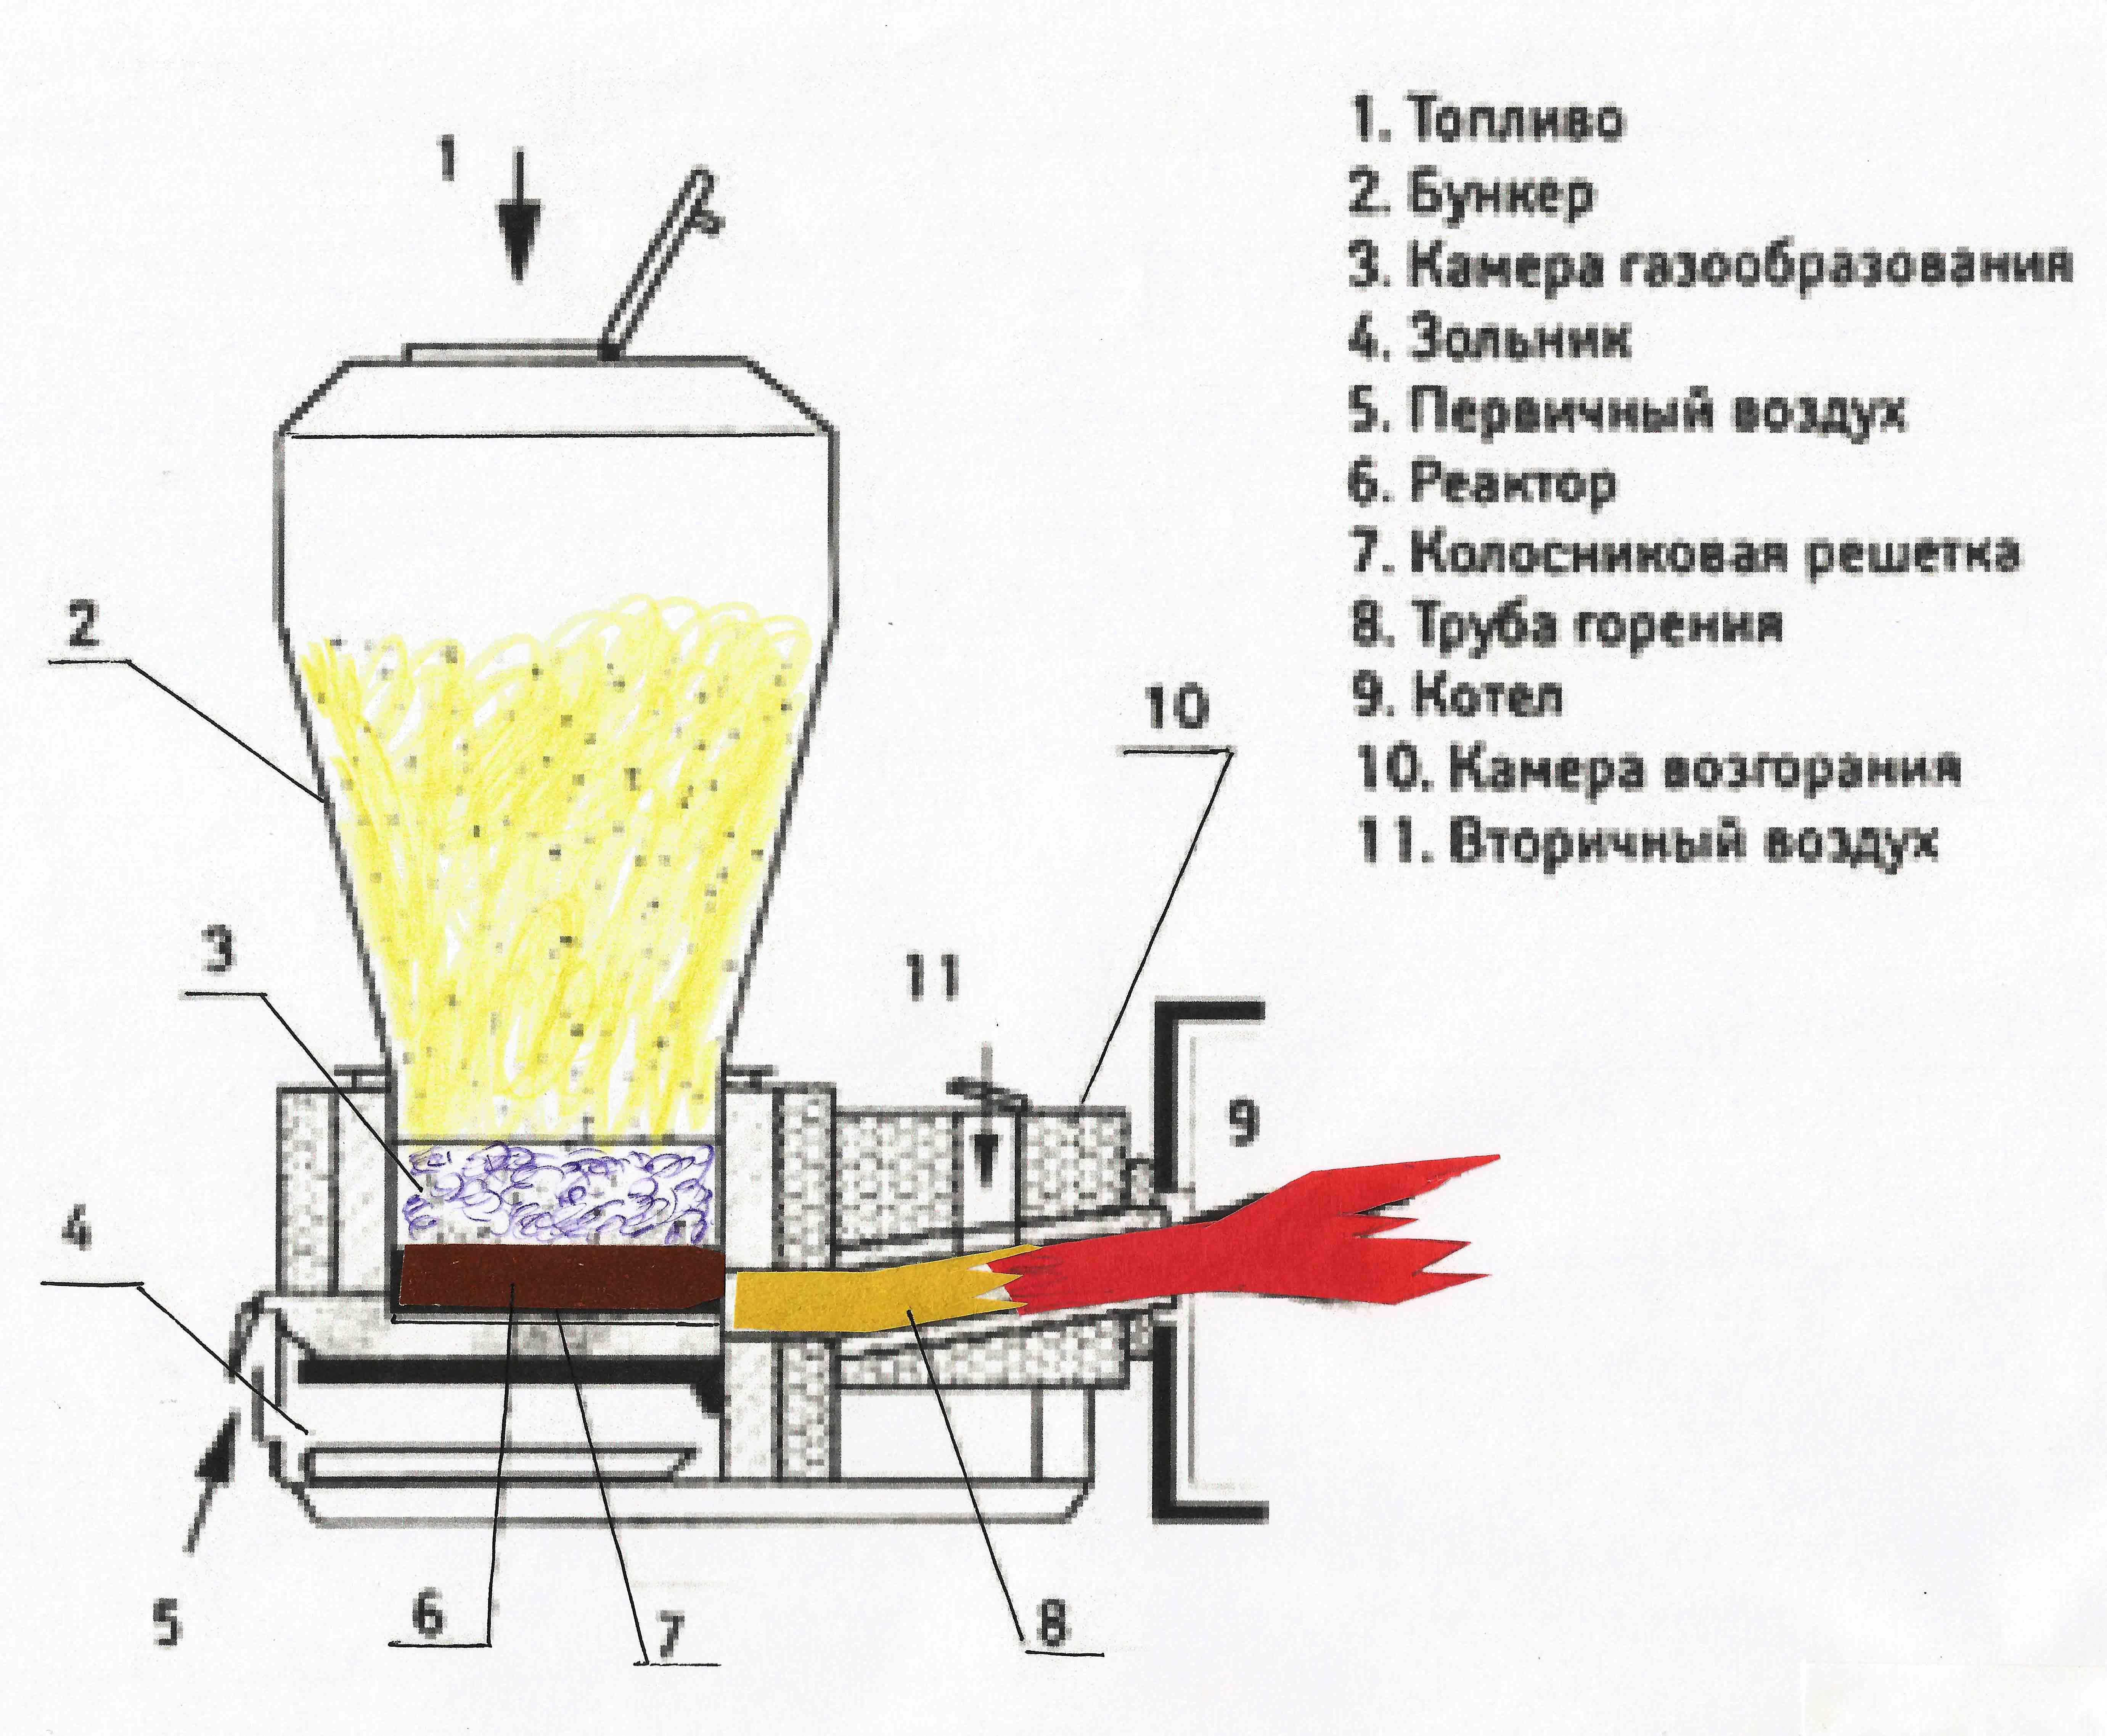 Как сделать газогенератор своими руками: особенности изготовления самодельного устройства